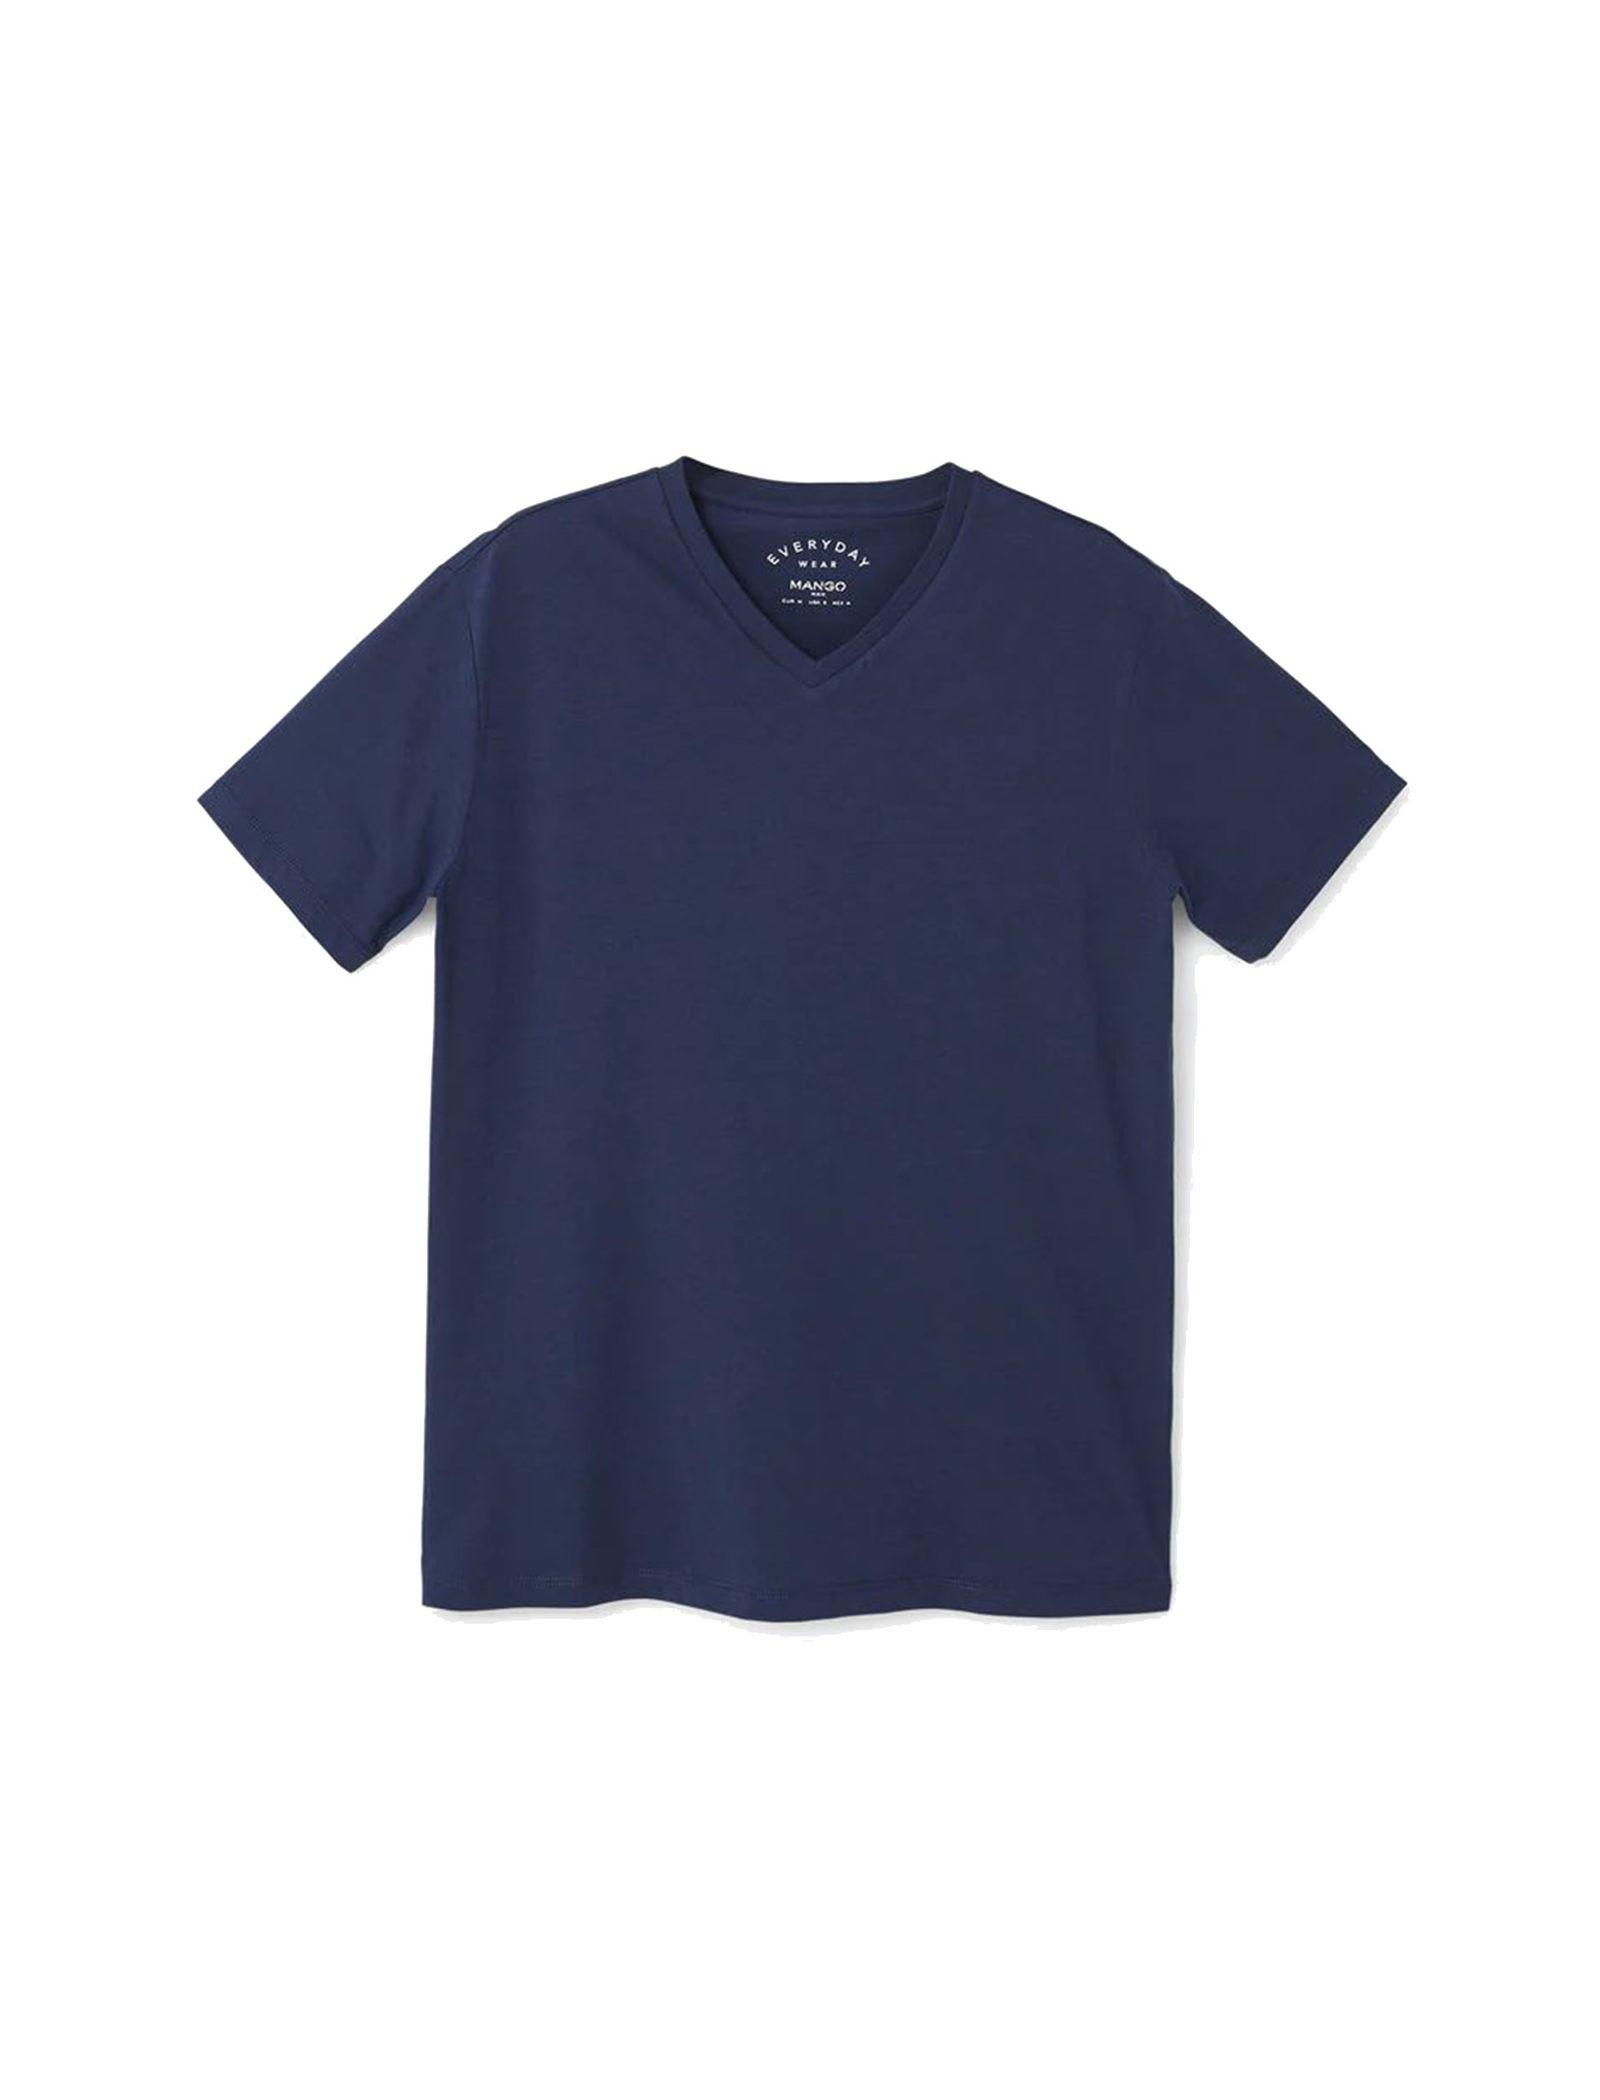 تی شرت نخی یقه هفت مردانه - مانگو - سرمه اي - 3